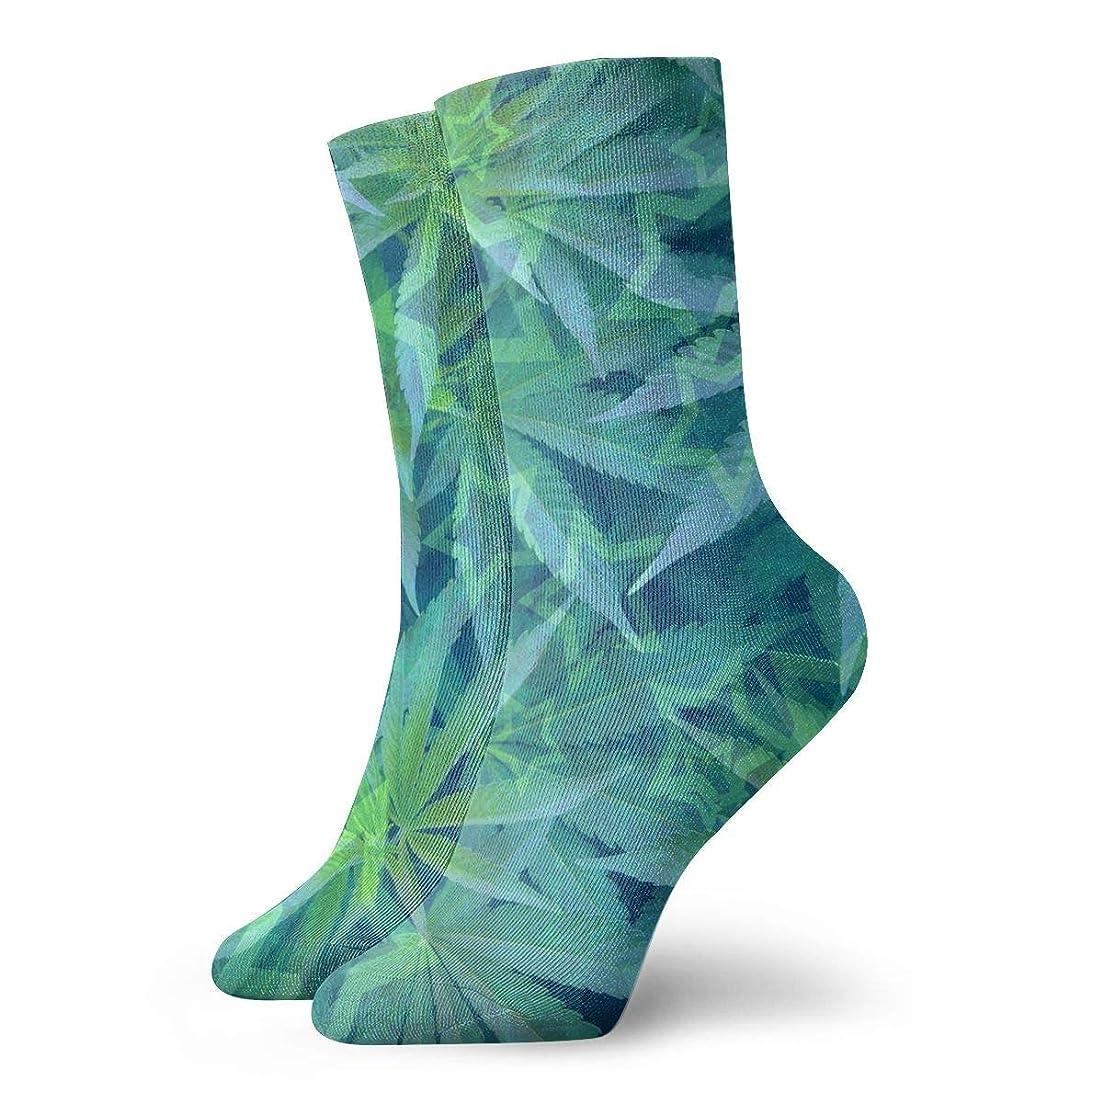 憂慮すべき従事する着陸スカイラインクリスマス休日靴下靴下靴下靴下冬背景星